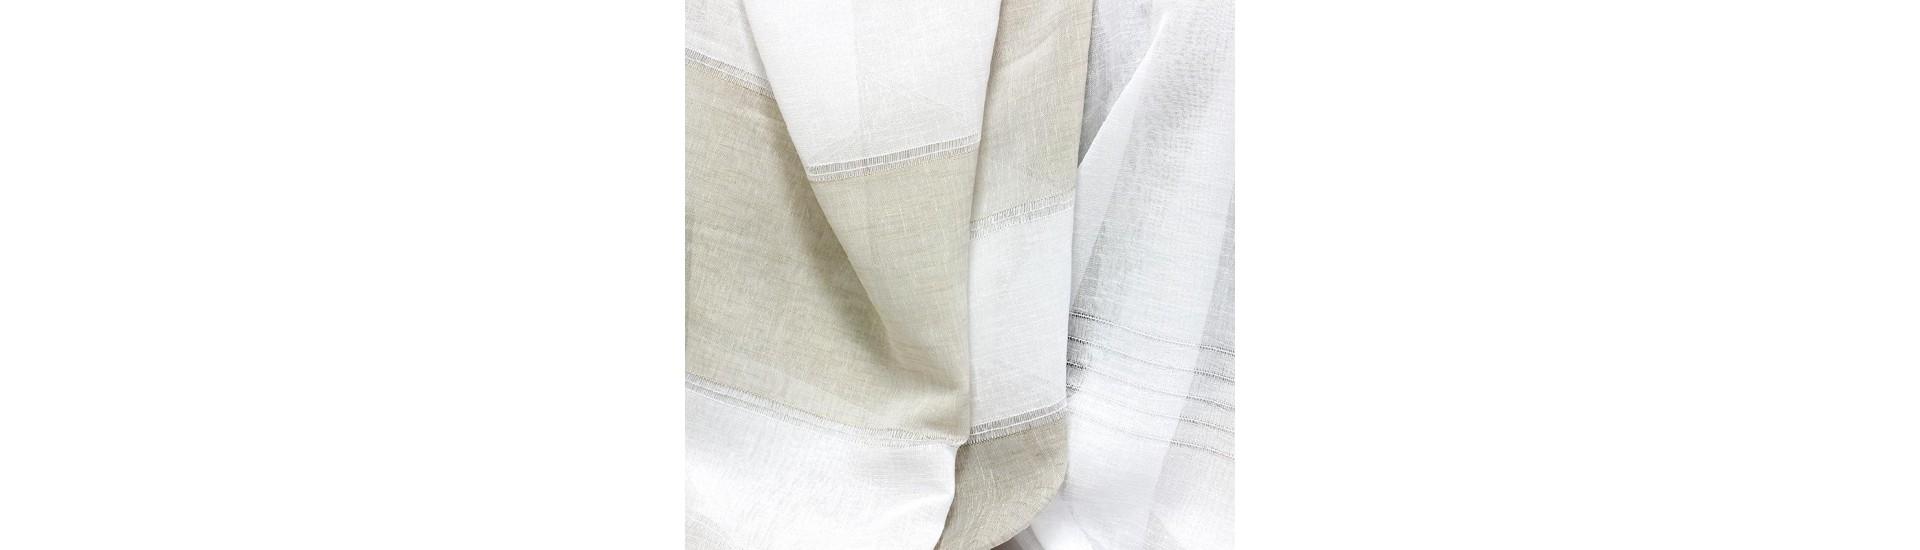 Ткань для штор имитация льна MAT11 FANTAZI TUL A. KREM высота 295 см (~25 м)